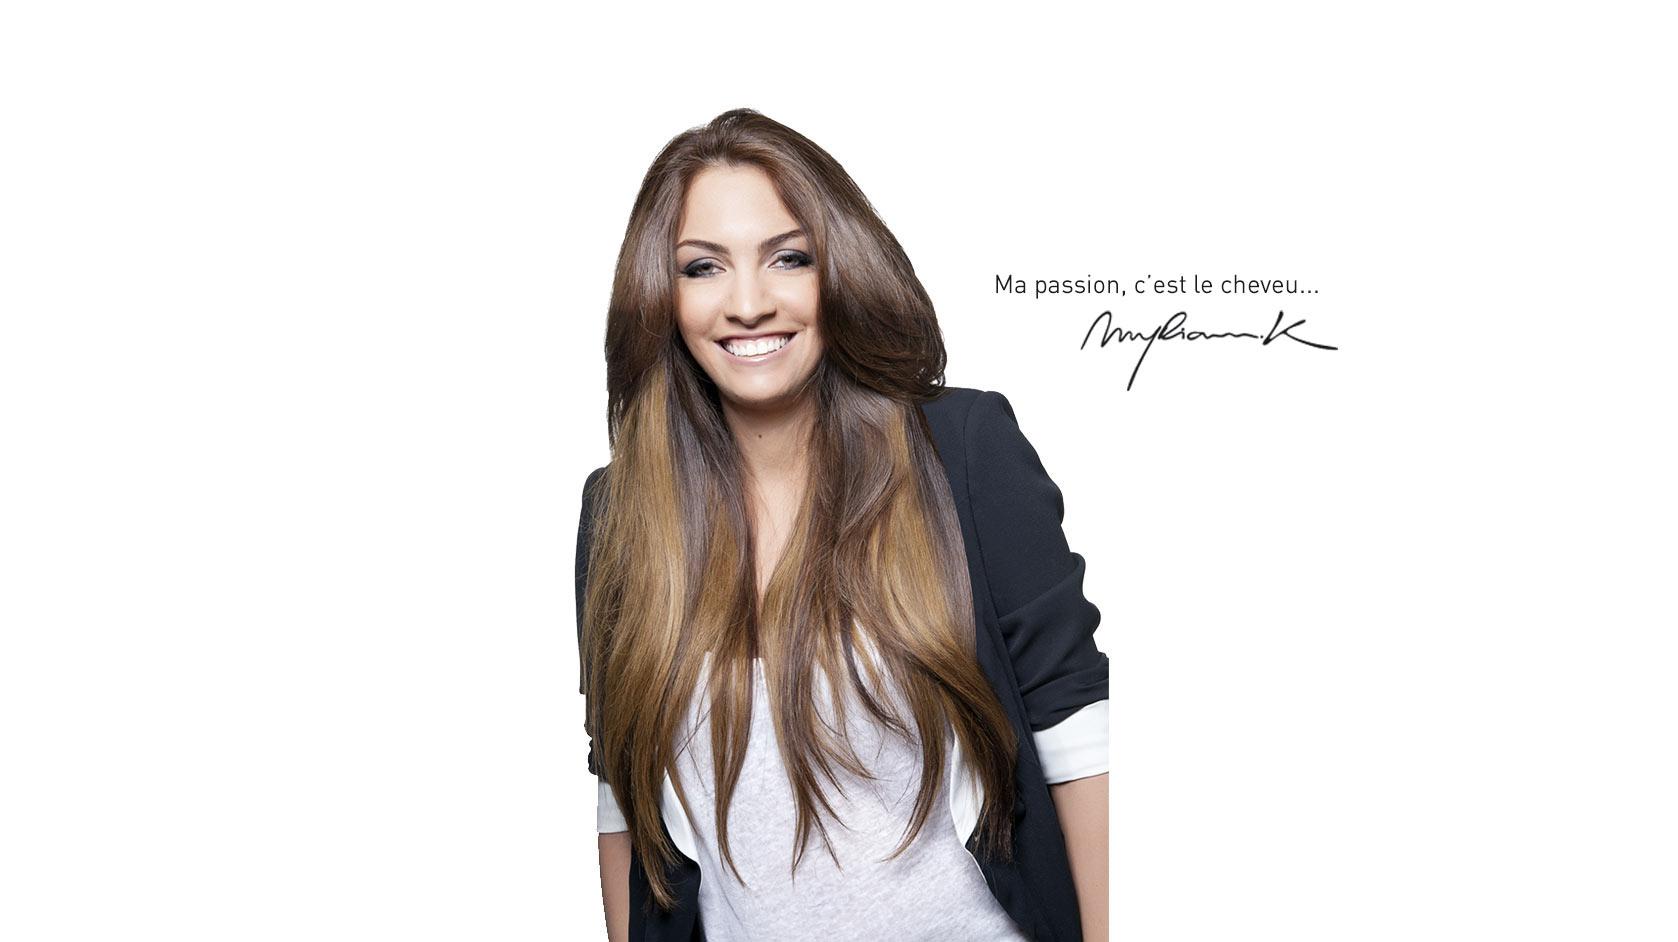 Grossiste coiffure myriam k votre nouveau blog l gant for Myriam k salon